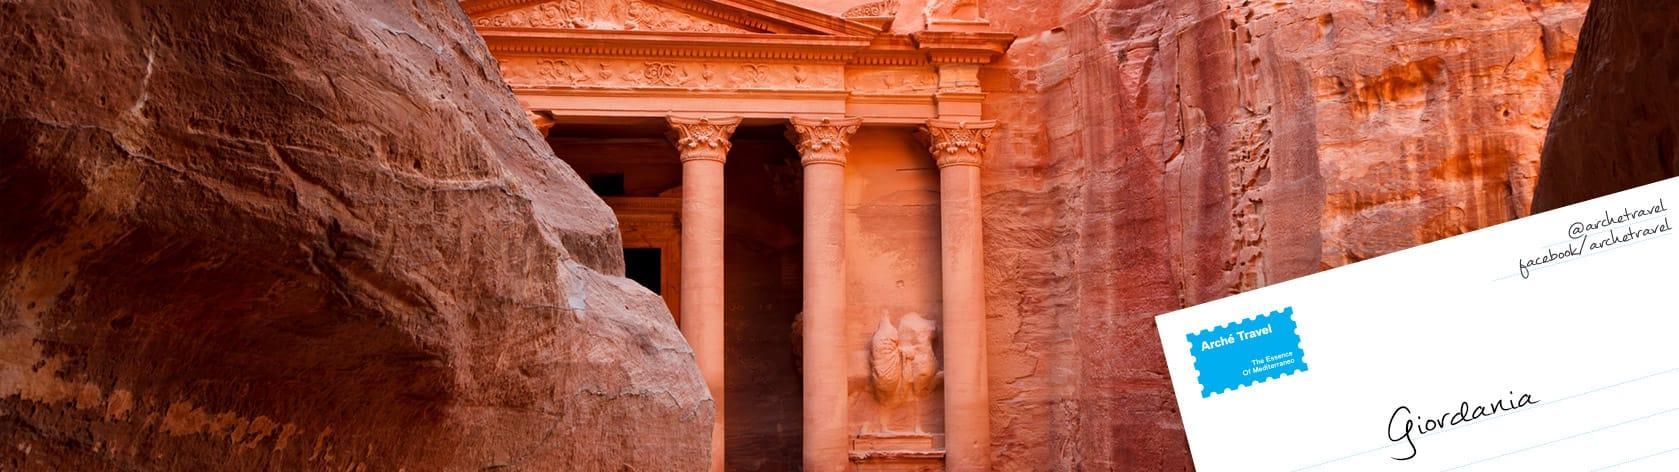 Tour Giordania, Tour Petra - Arché Travel